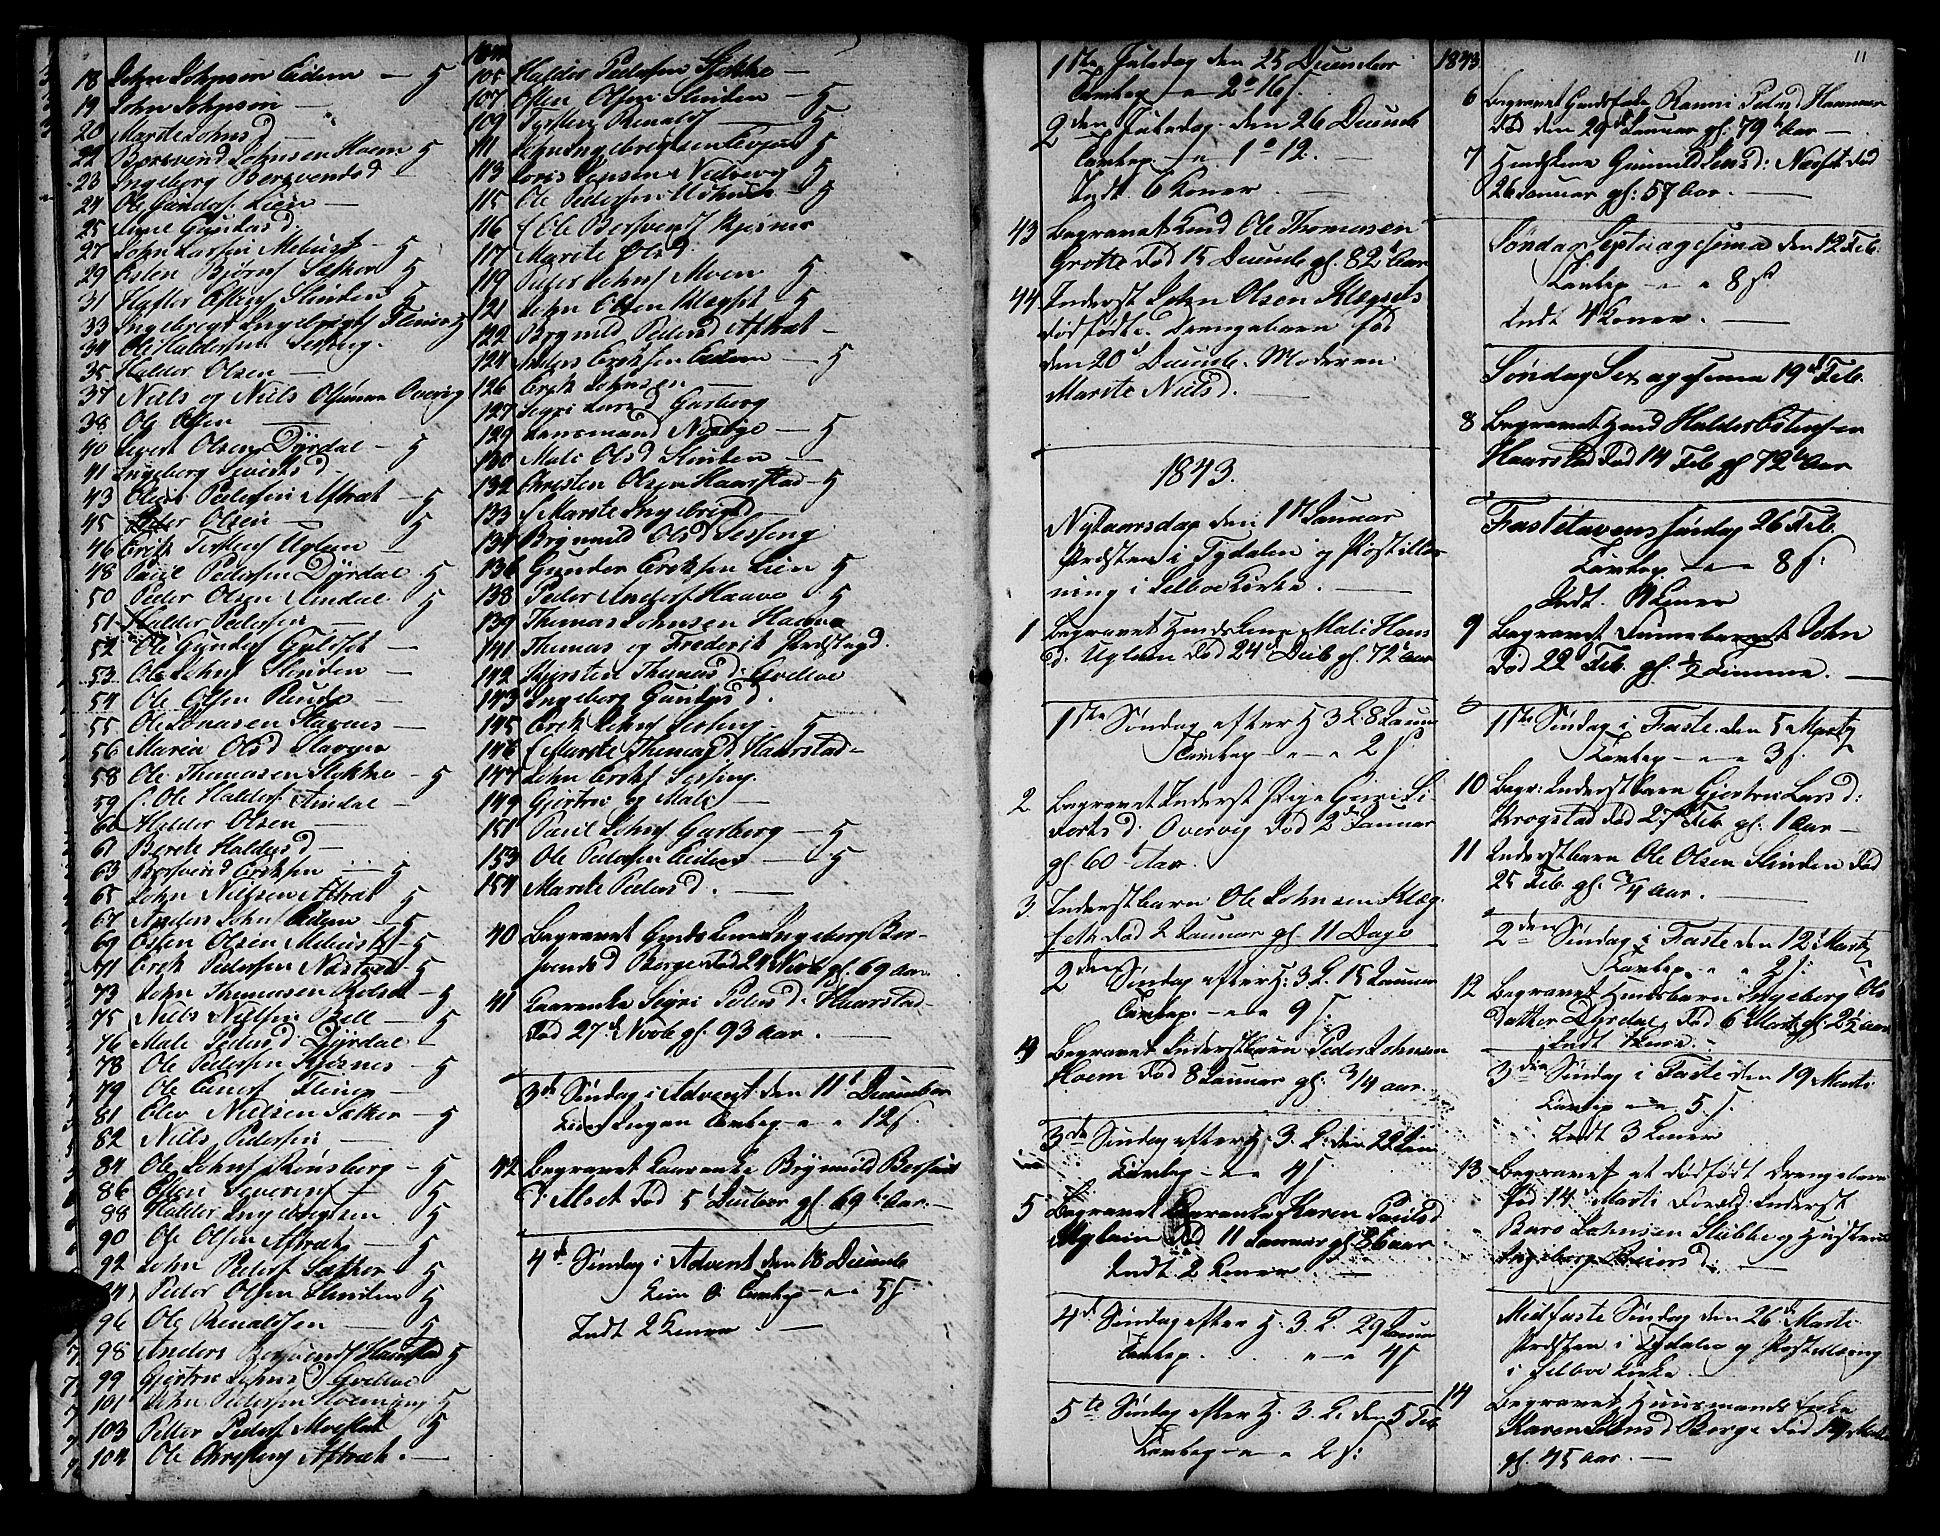 SAT, Ministerialprotokoller, klokkerbøker og fødselsregistre - Sør-Trøndelag, 695/L1154: Klokkerbok nr. 695C05, 1842-1858, s. 11